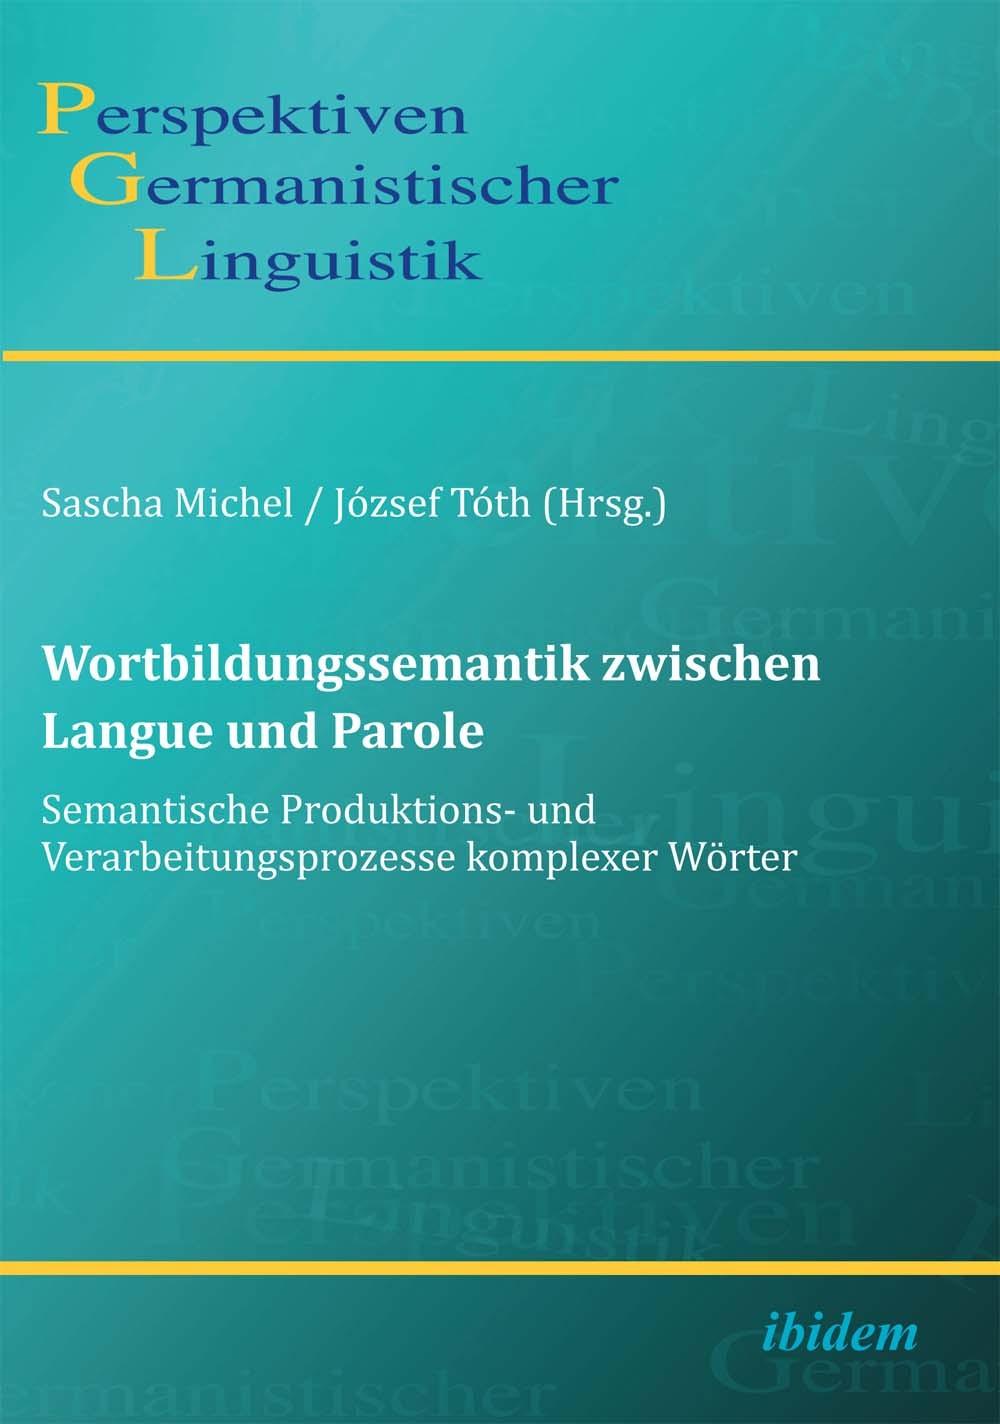 Wortbildungssemantik zwischen Langue und Parole